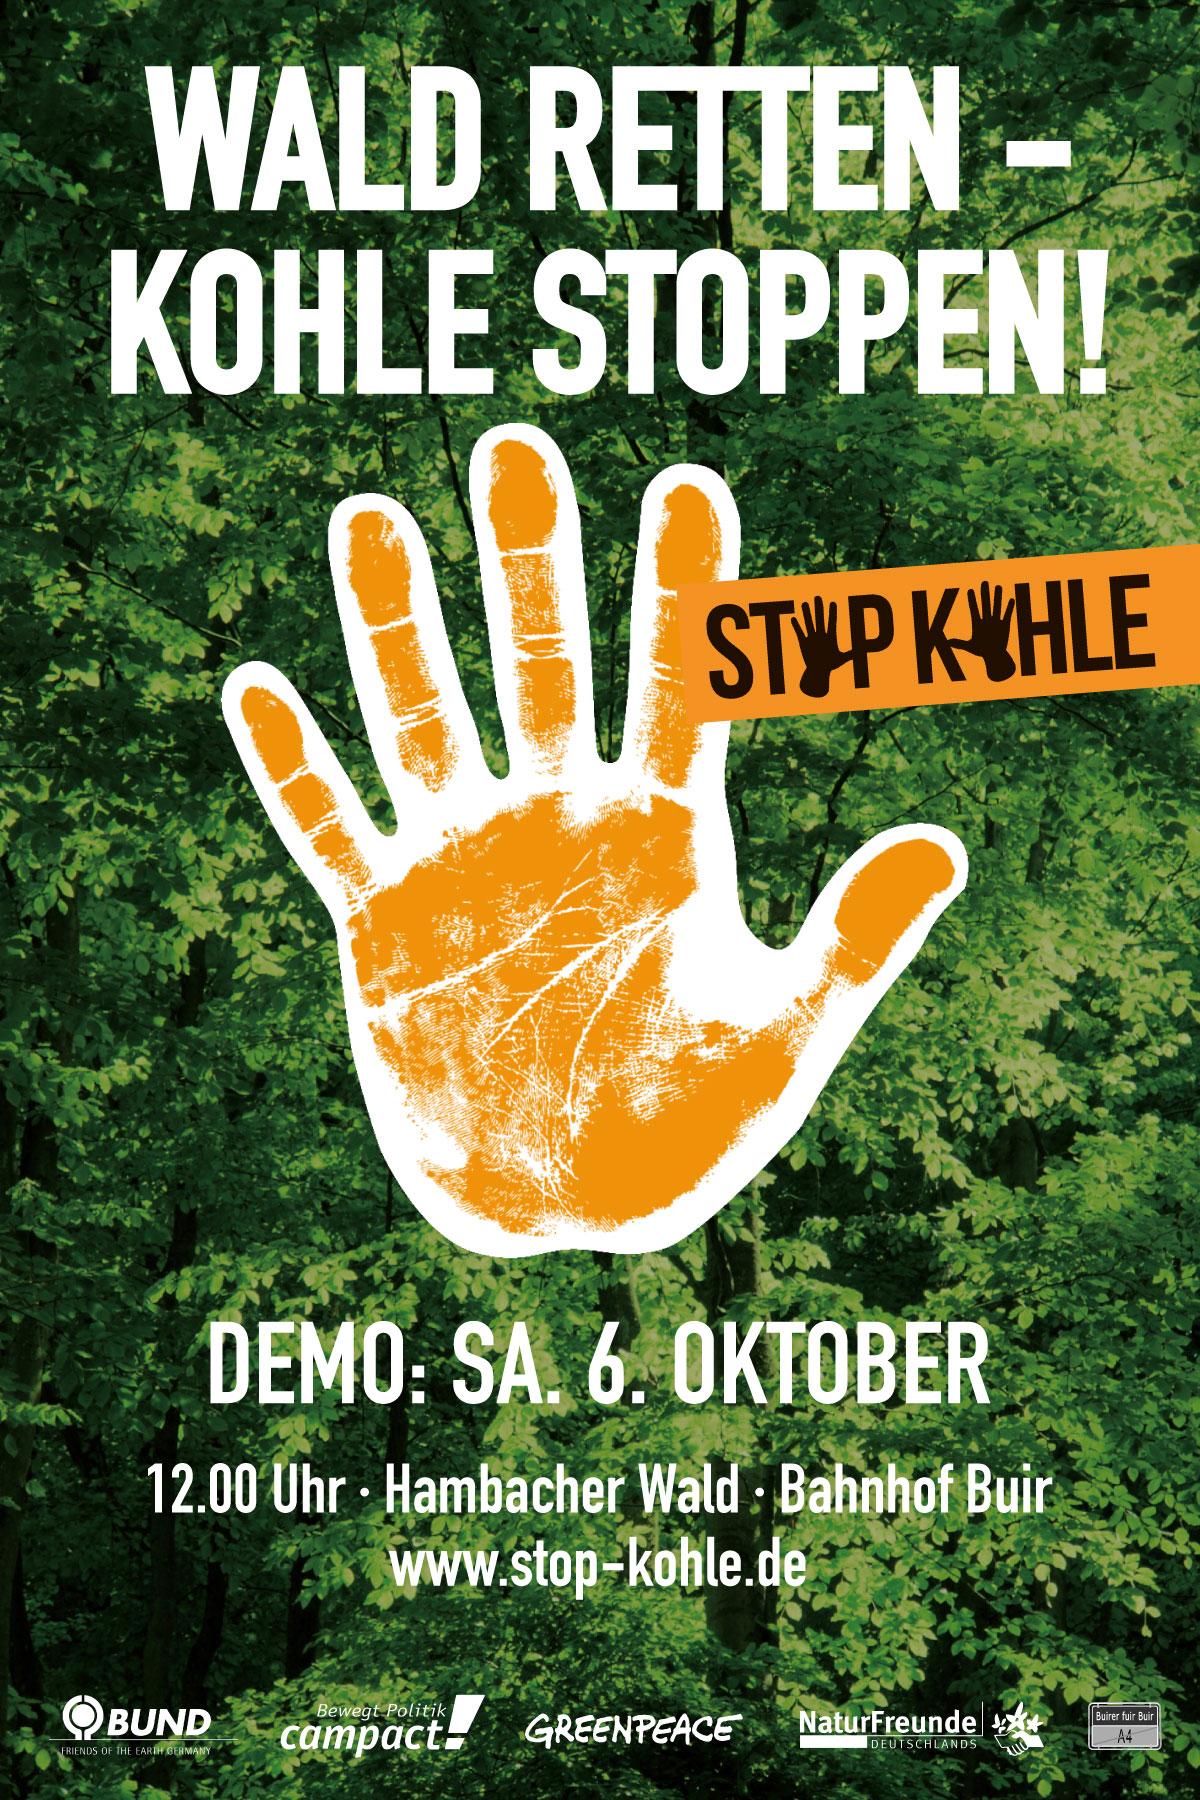 https://www.stop-kohle.de/